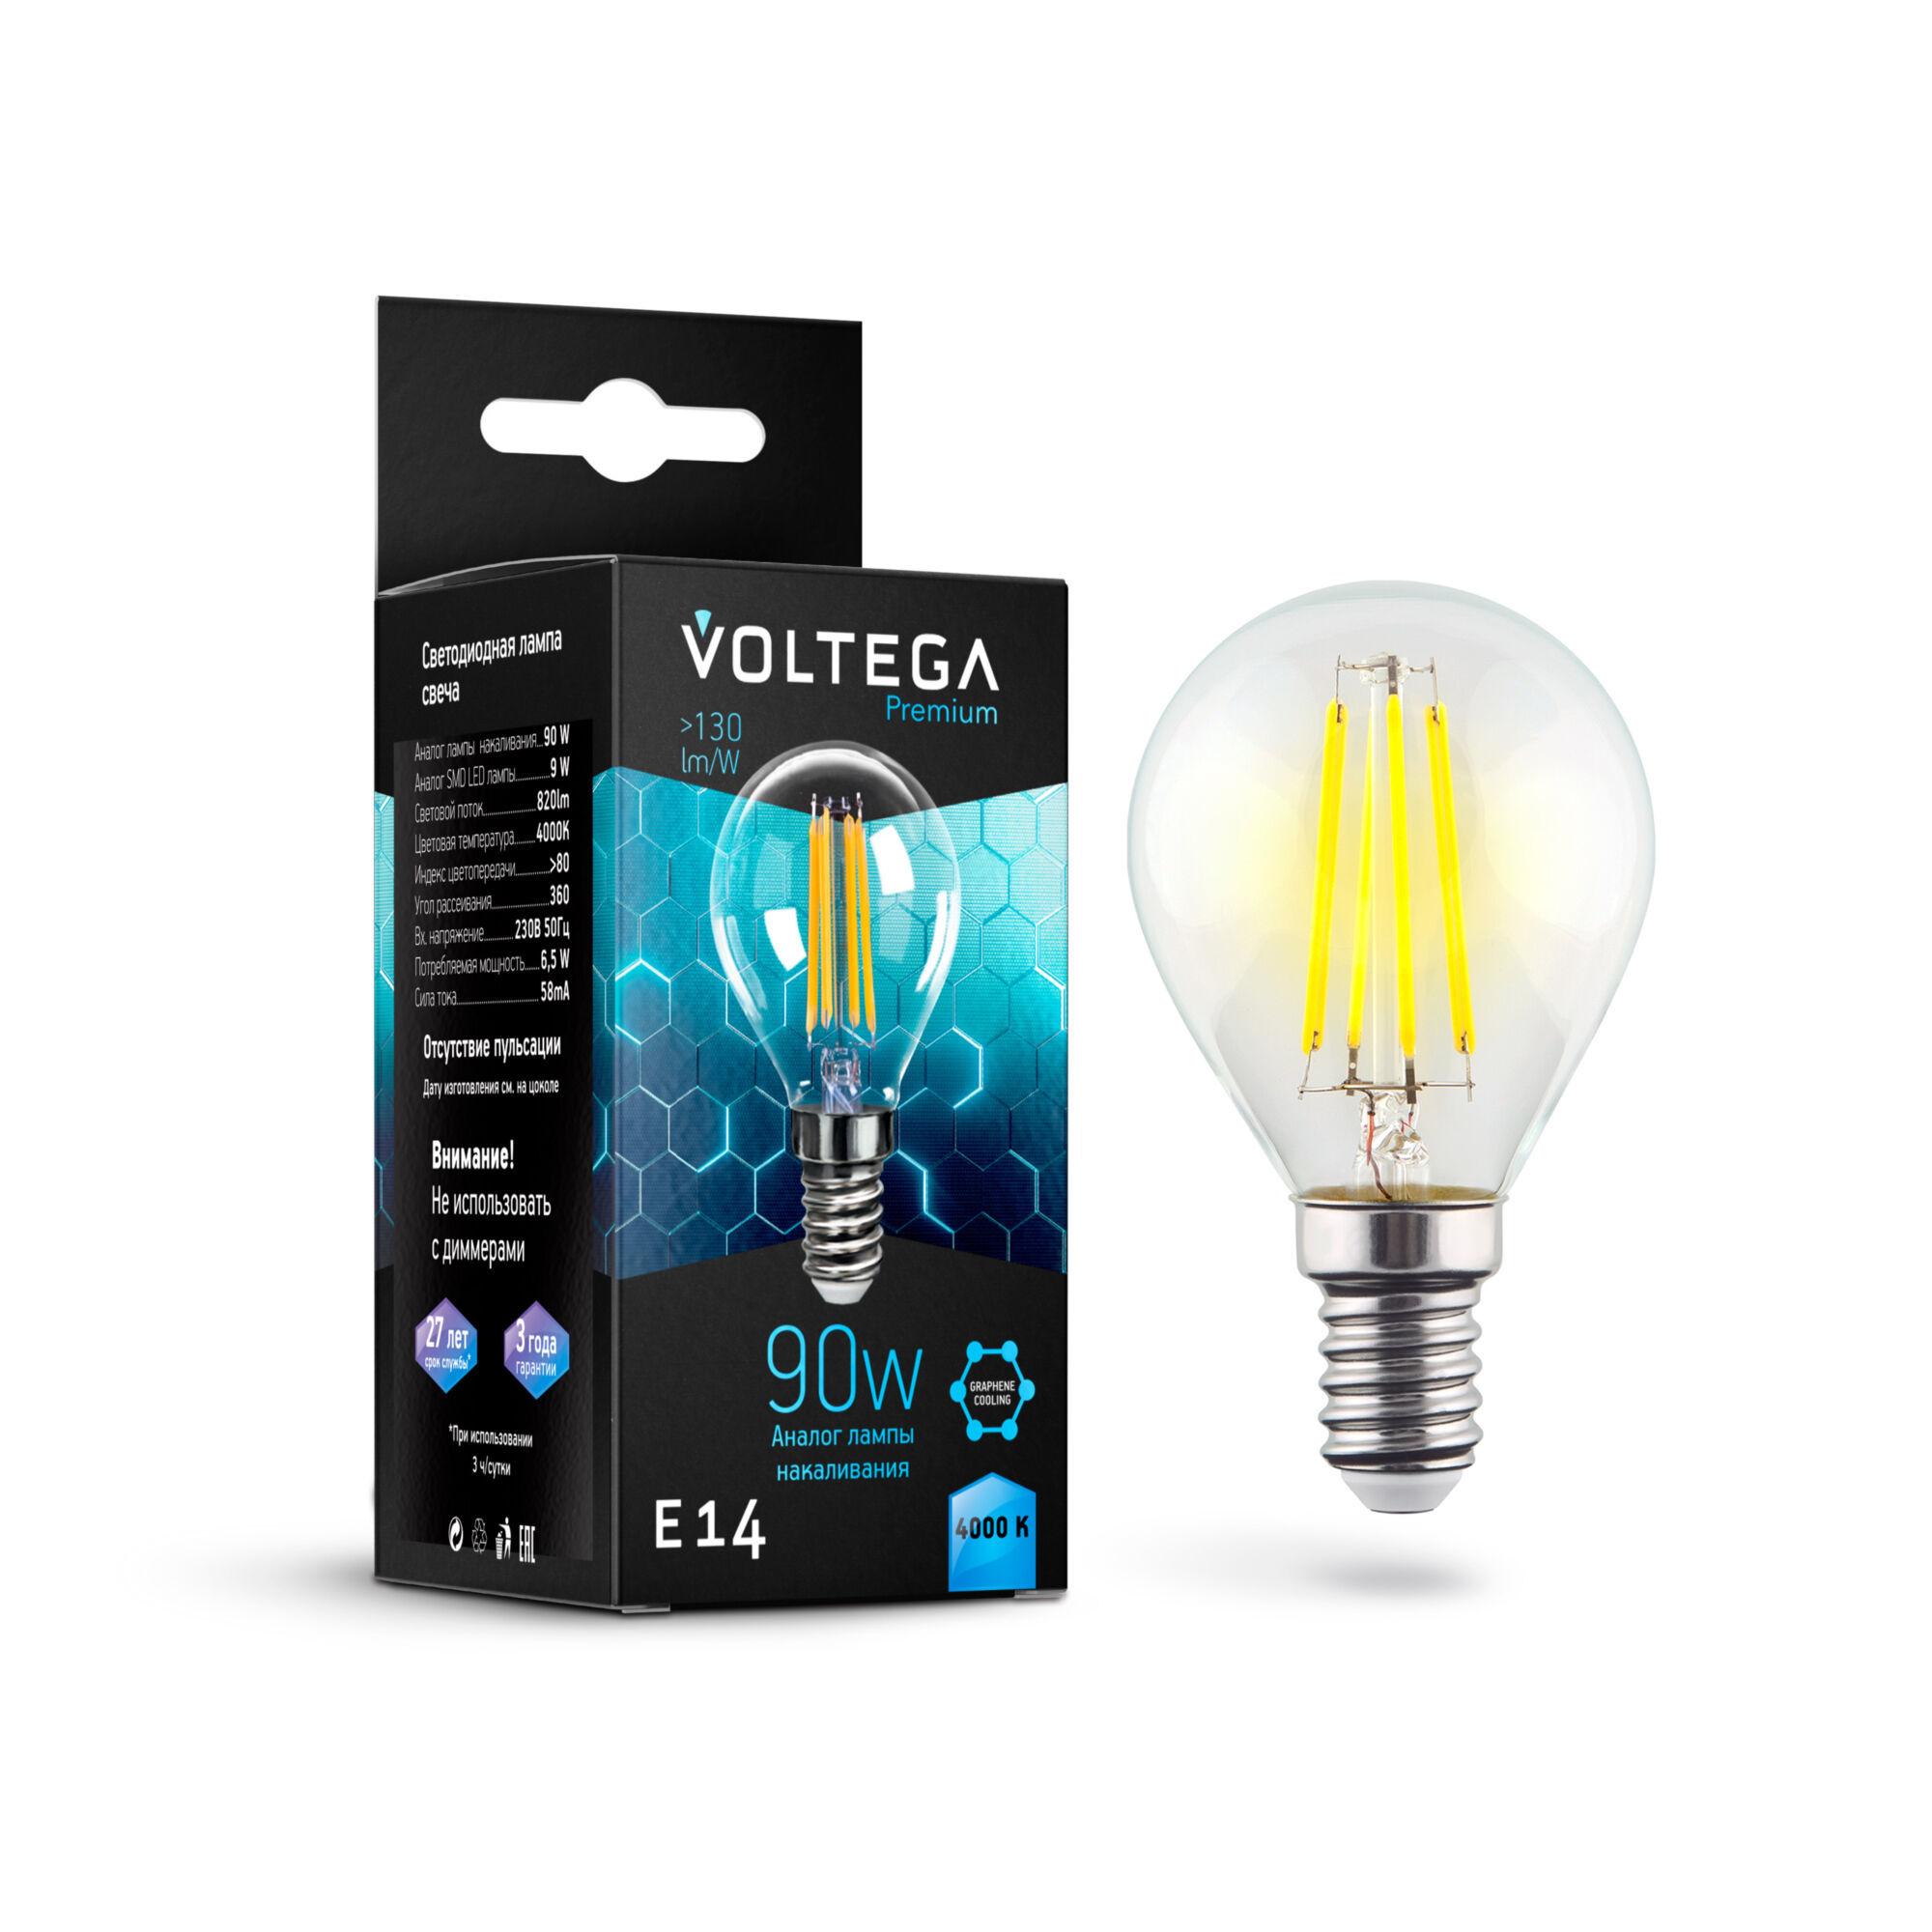 Филаментная светодиодная лампа Voltega Crystal 7137 шар малый E14 6,5W, 4000K 220V, гарантия 3 года - фото 1